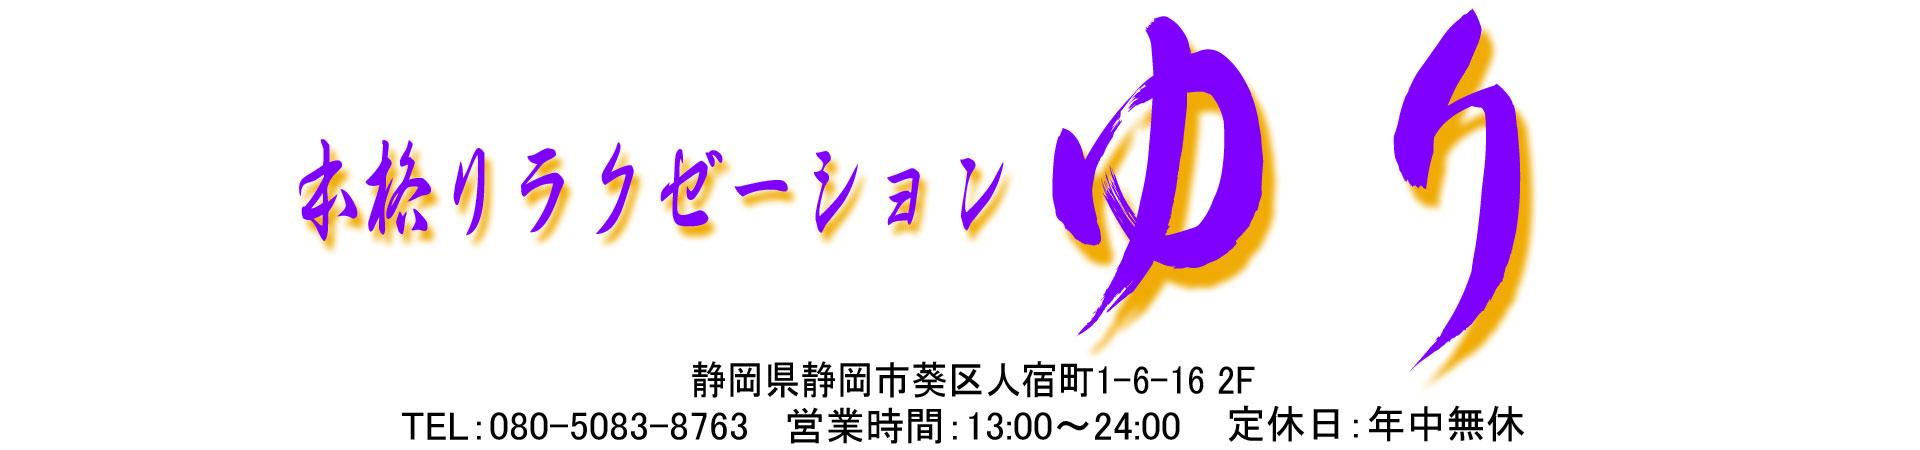 【ゆり】静岡